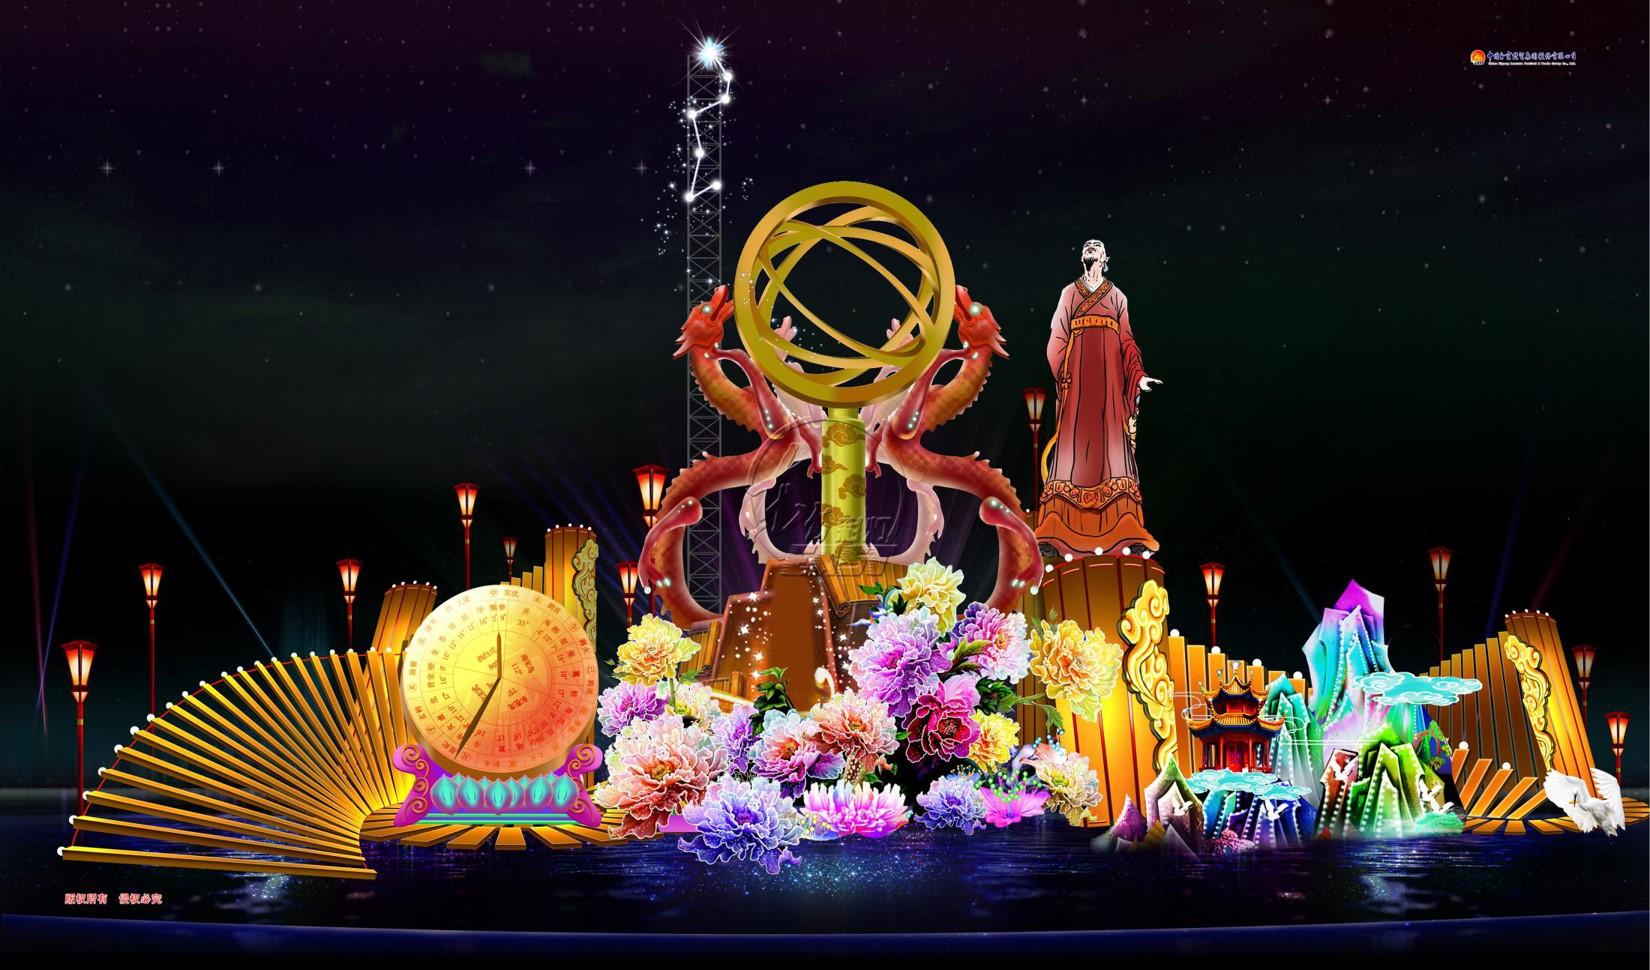 东方彩灯·光耀中华|体味年俗里的春节